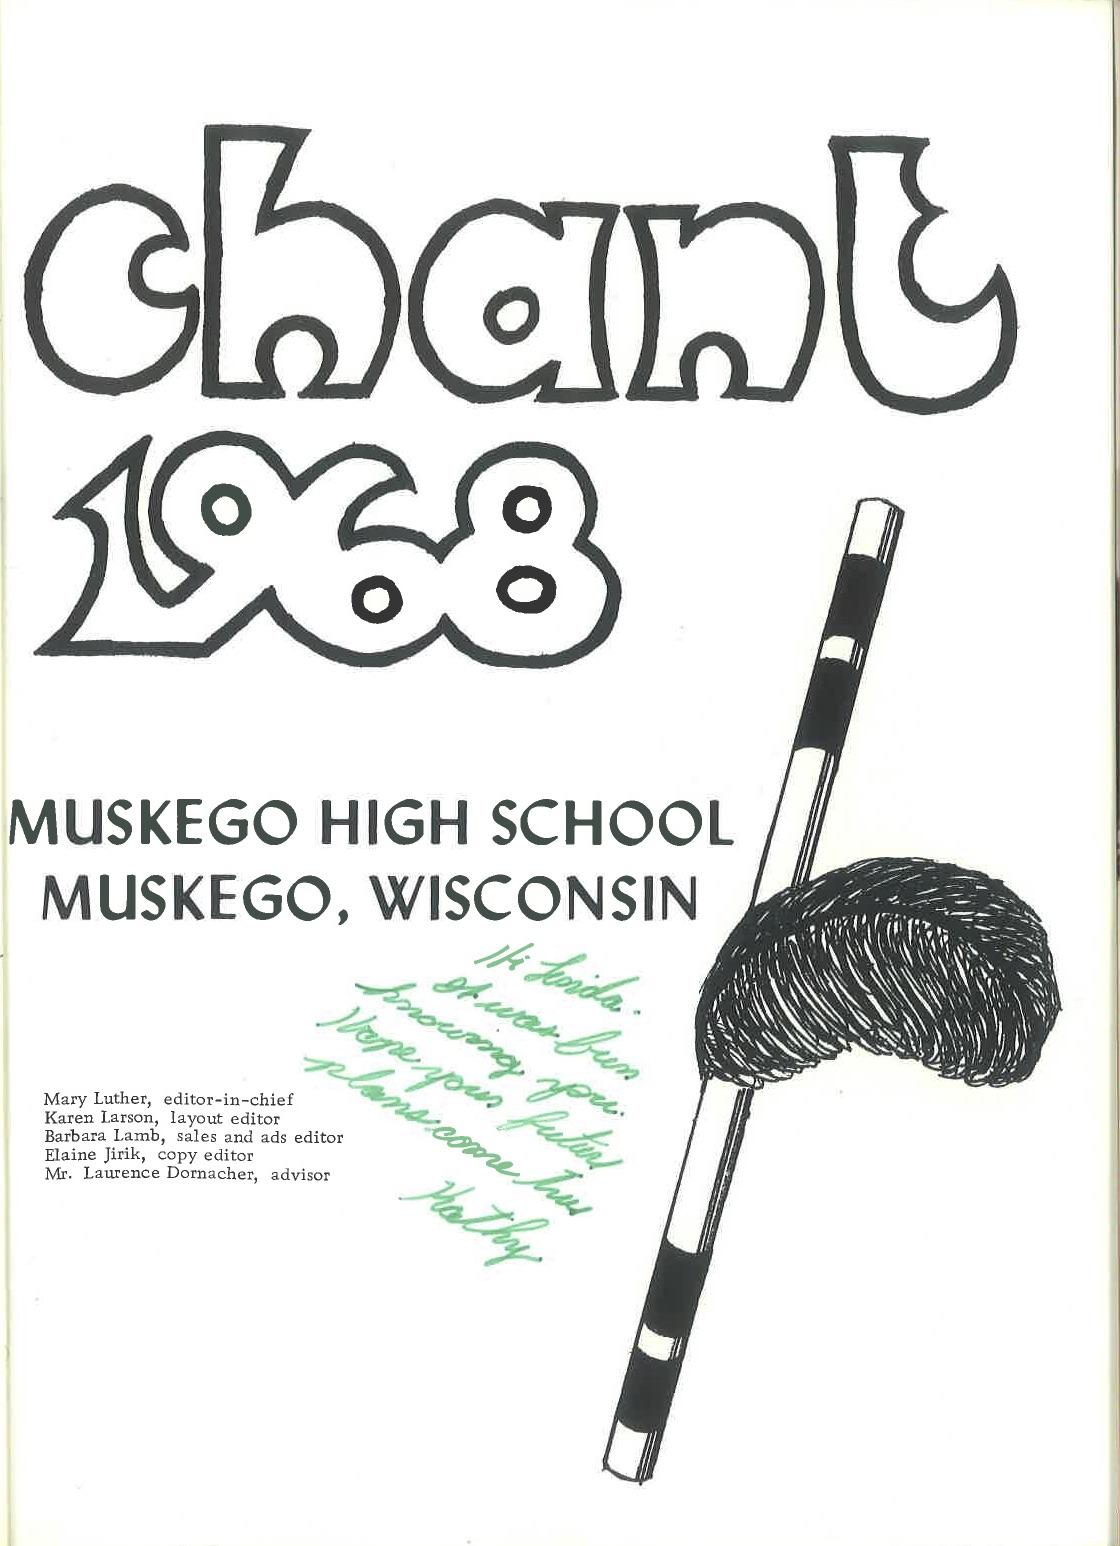 1968_Yearbook_1.jpg